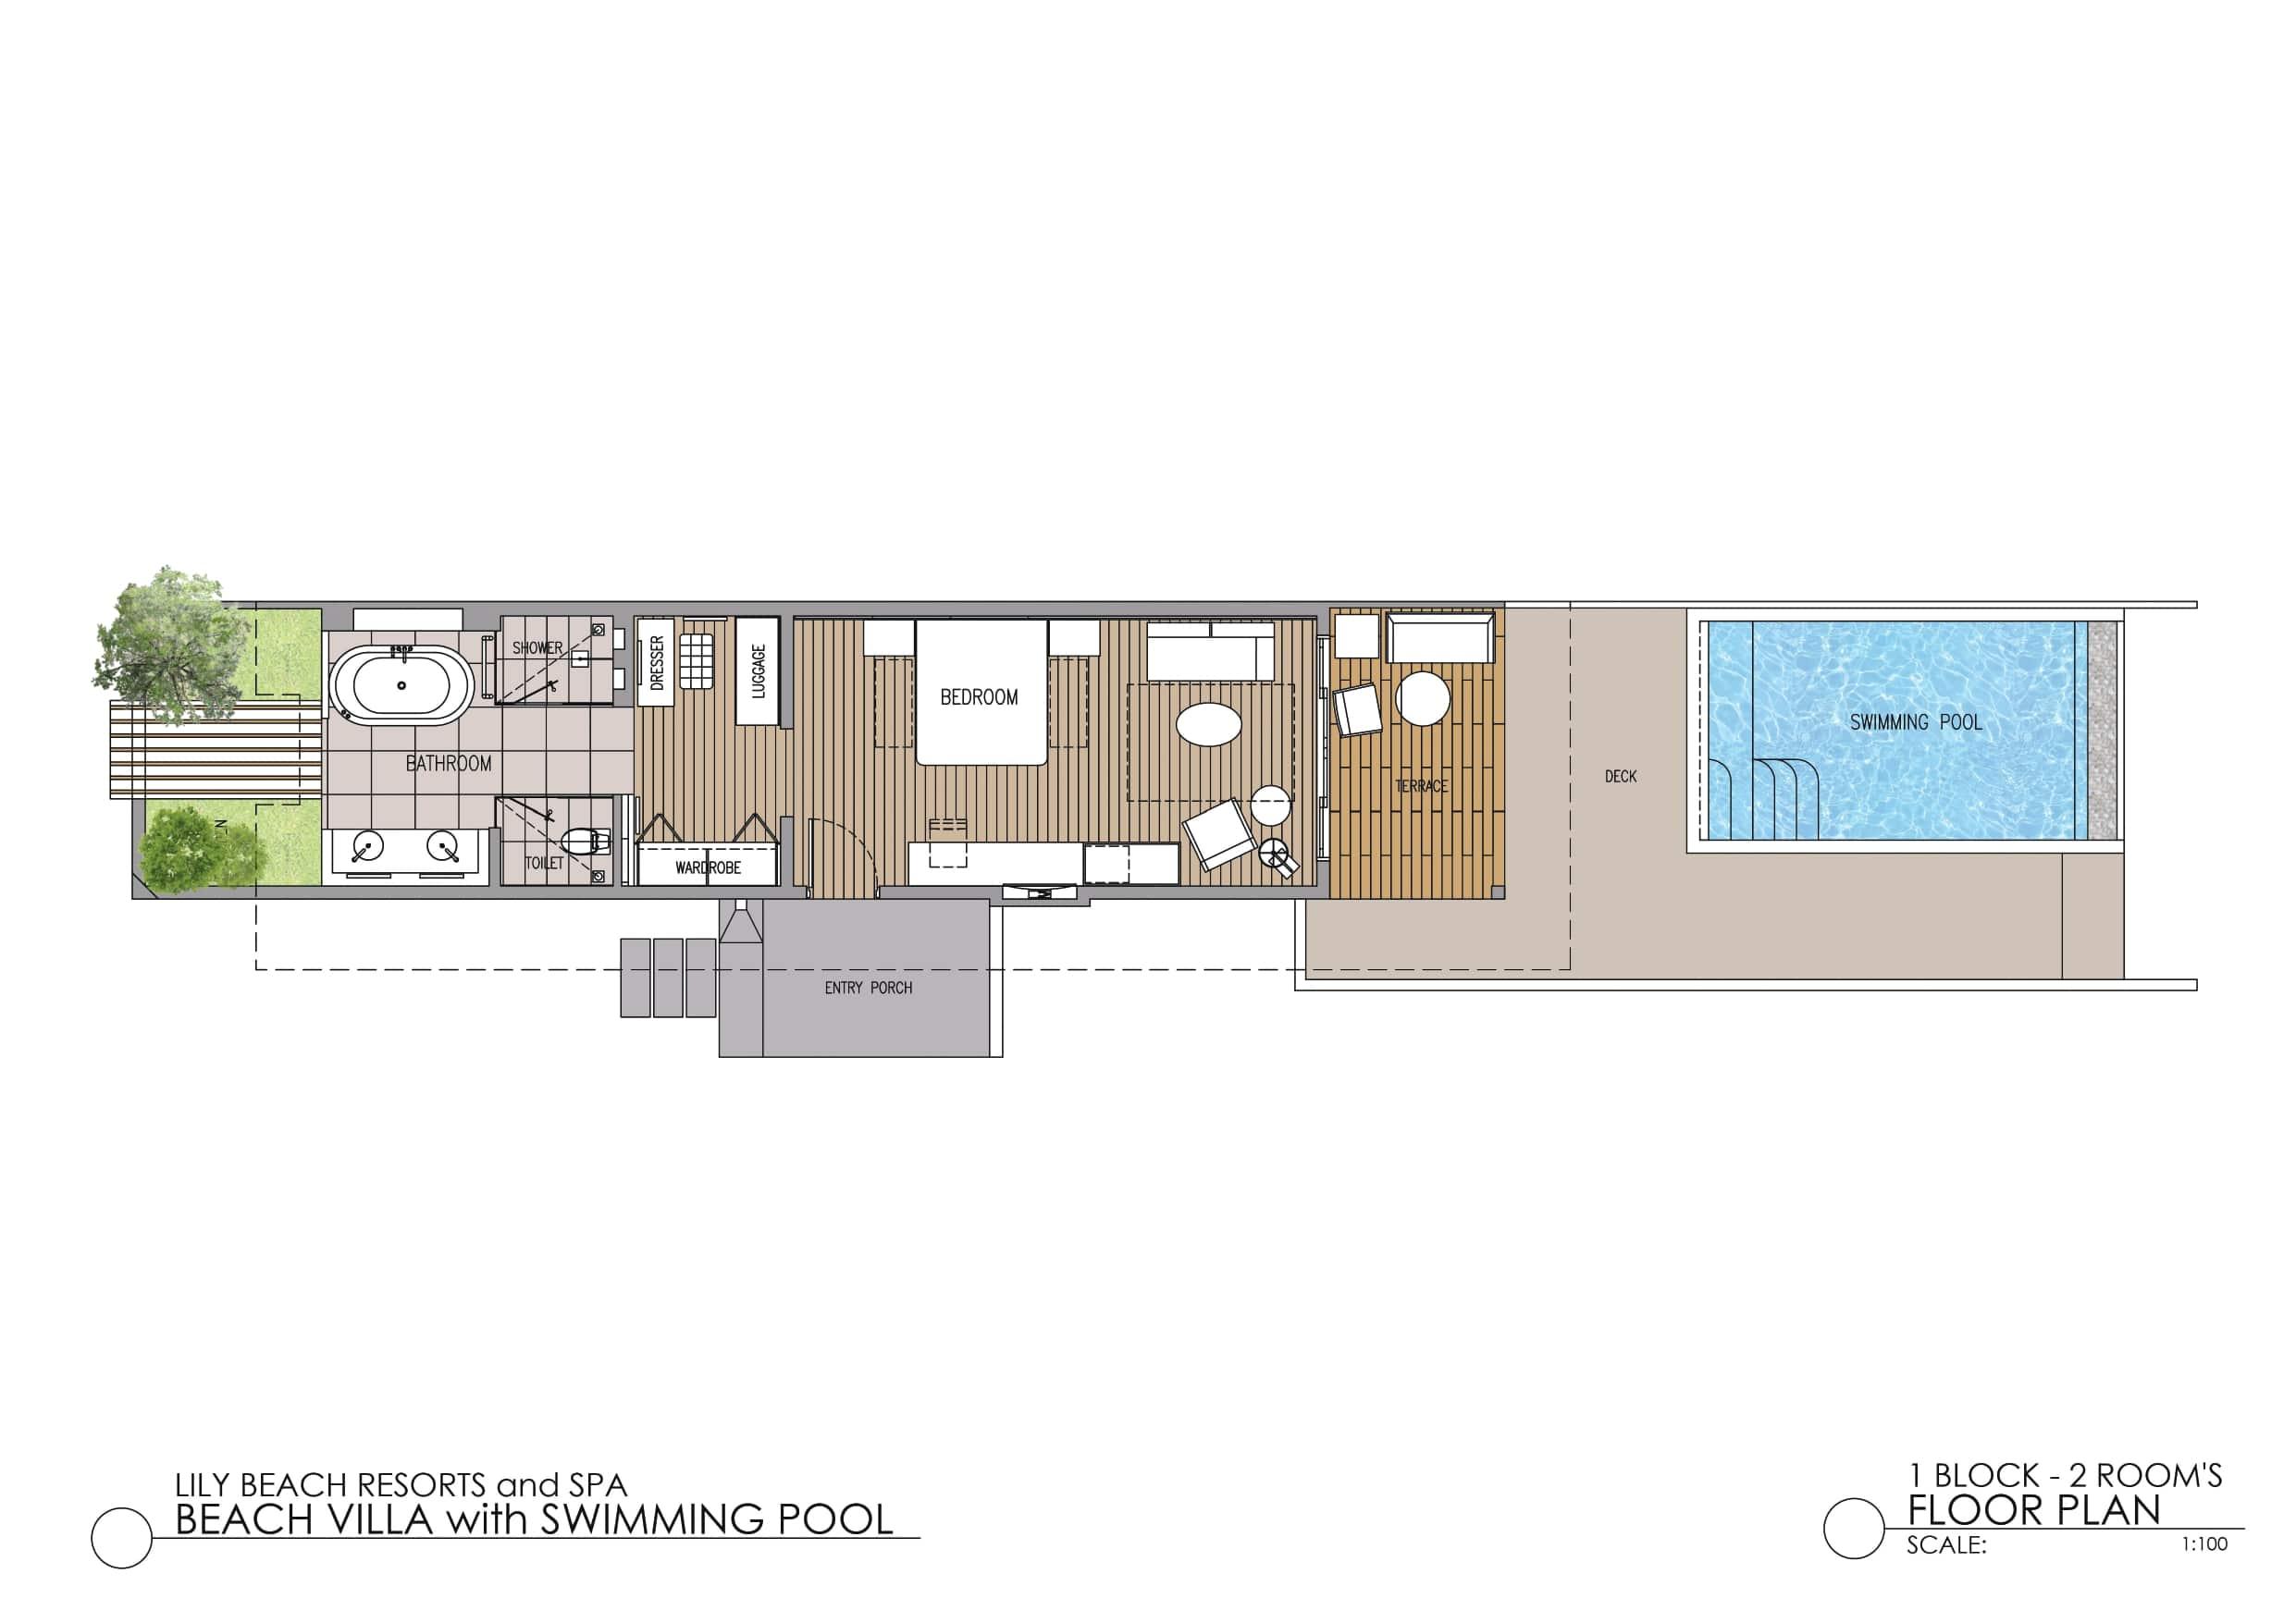 Мальдивы, отель Lily Beach Resort, план-схема номера Beach Suite with Pool